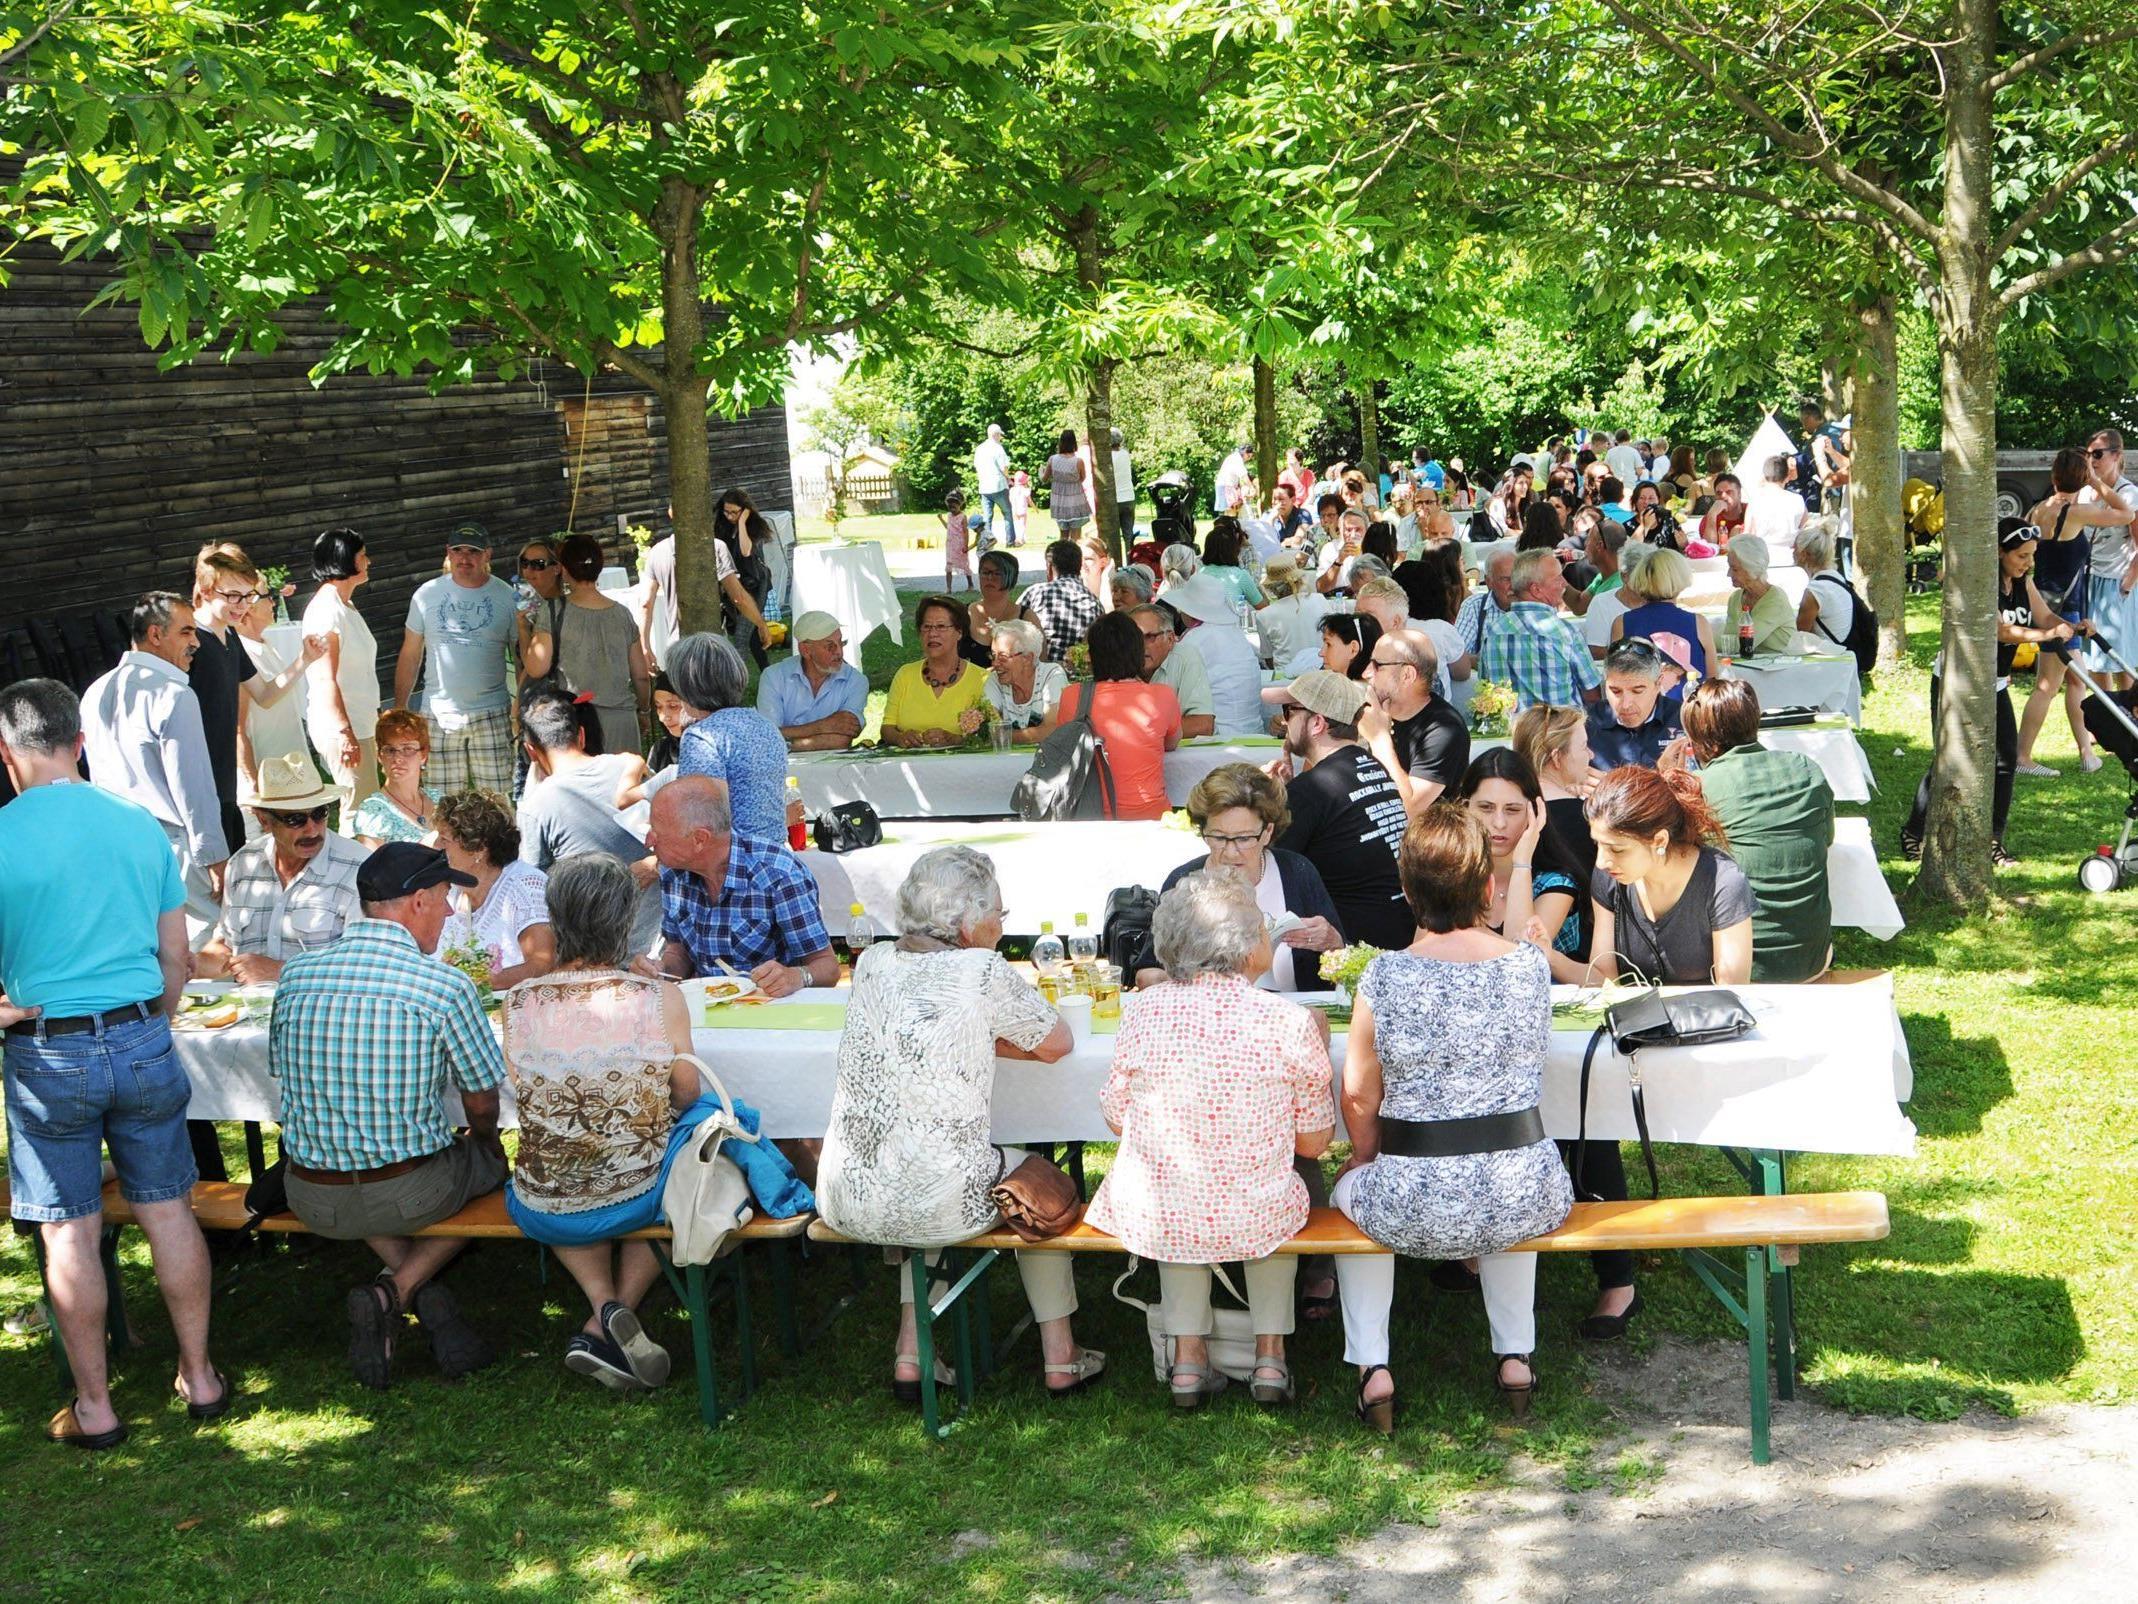 Unter den schattigen Bäumen neben dem Pfarrheim Höchst lässt es sich besonders gut gemeinsam feiern.